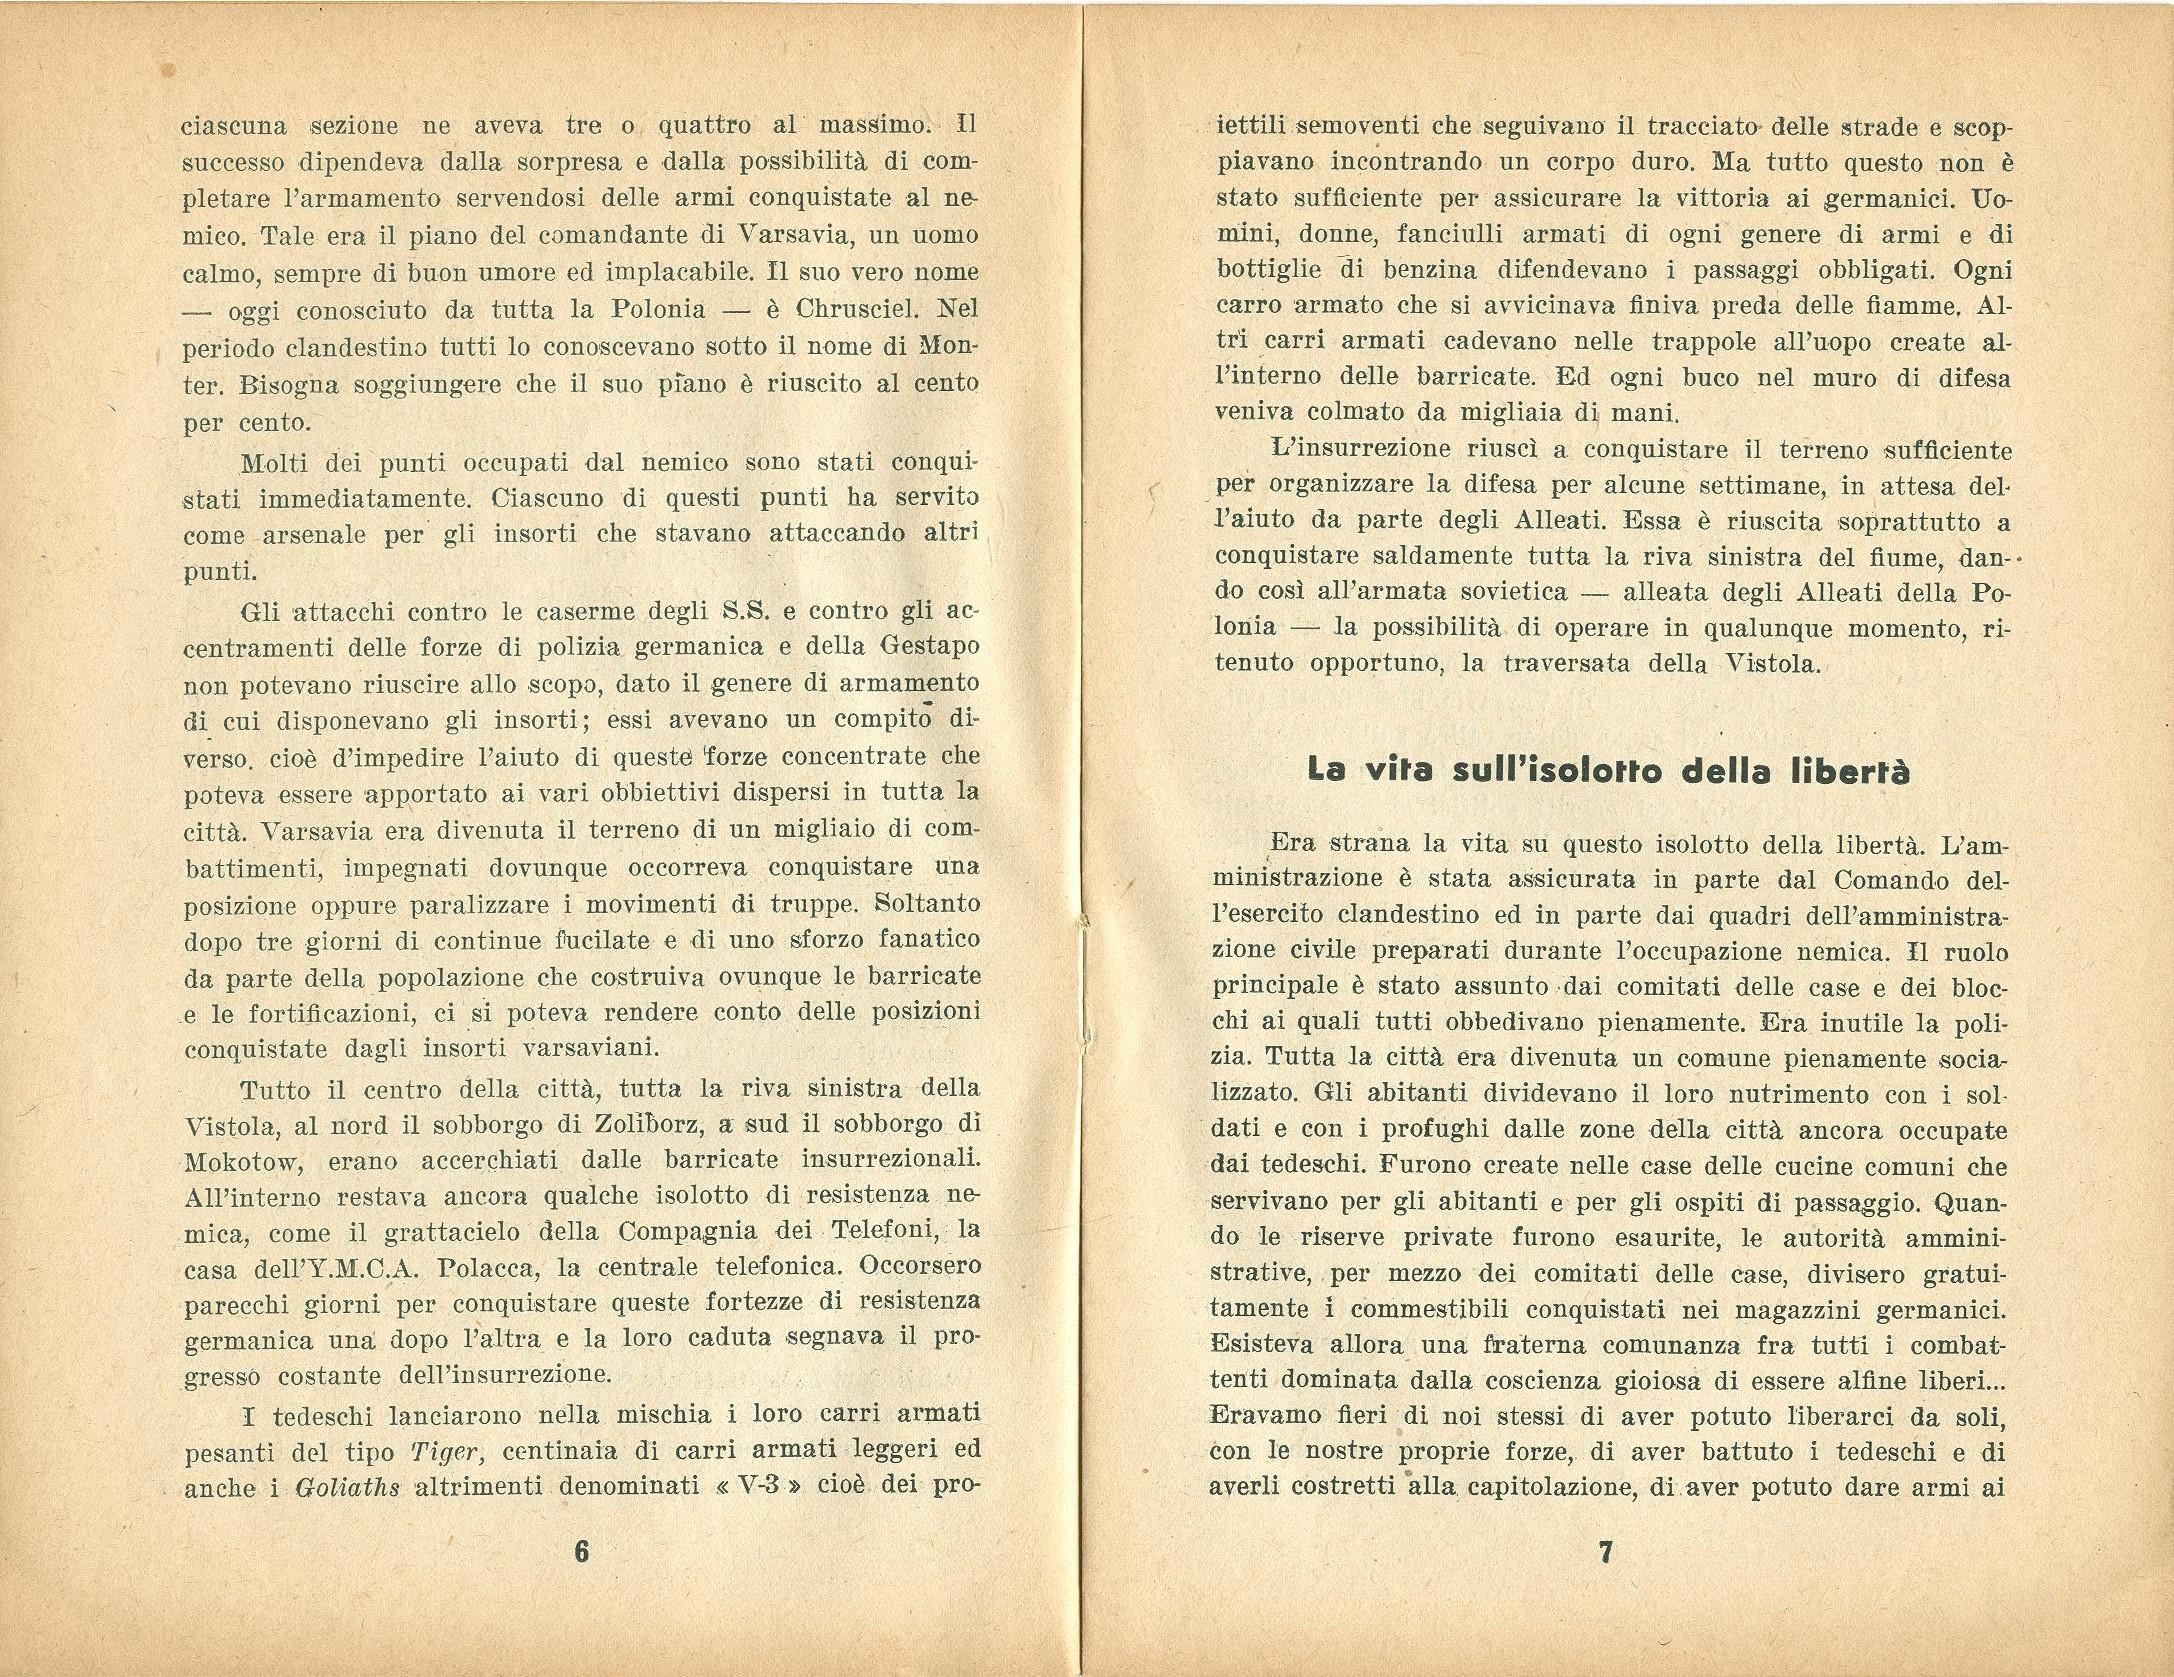 Zygmunt Zaremba, La verità sull'insurrezione di Varsavia nel 1944 (1946) - pag. 5